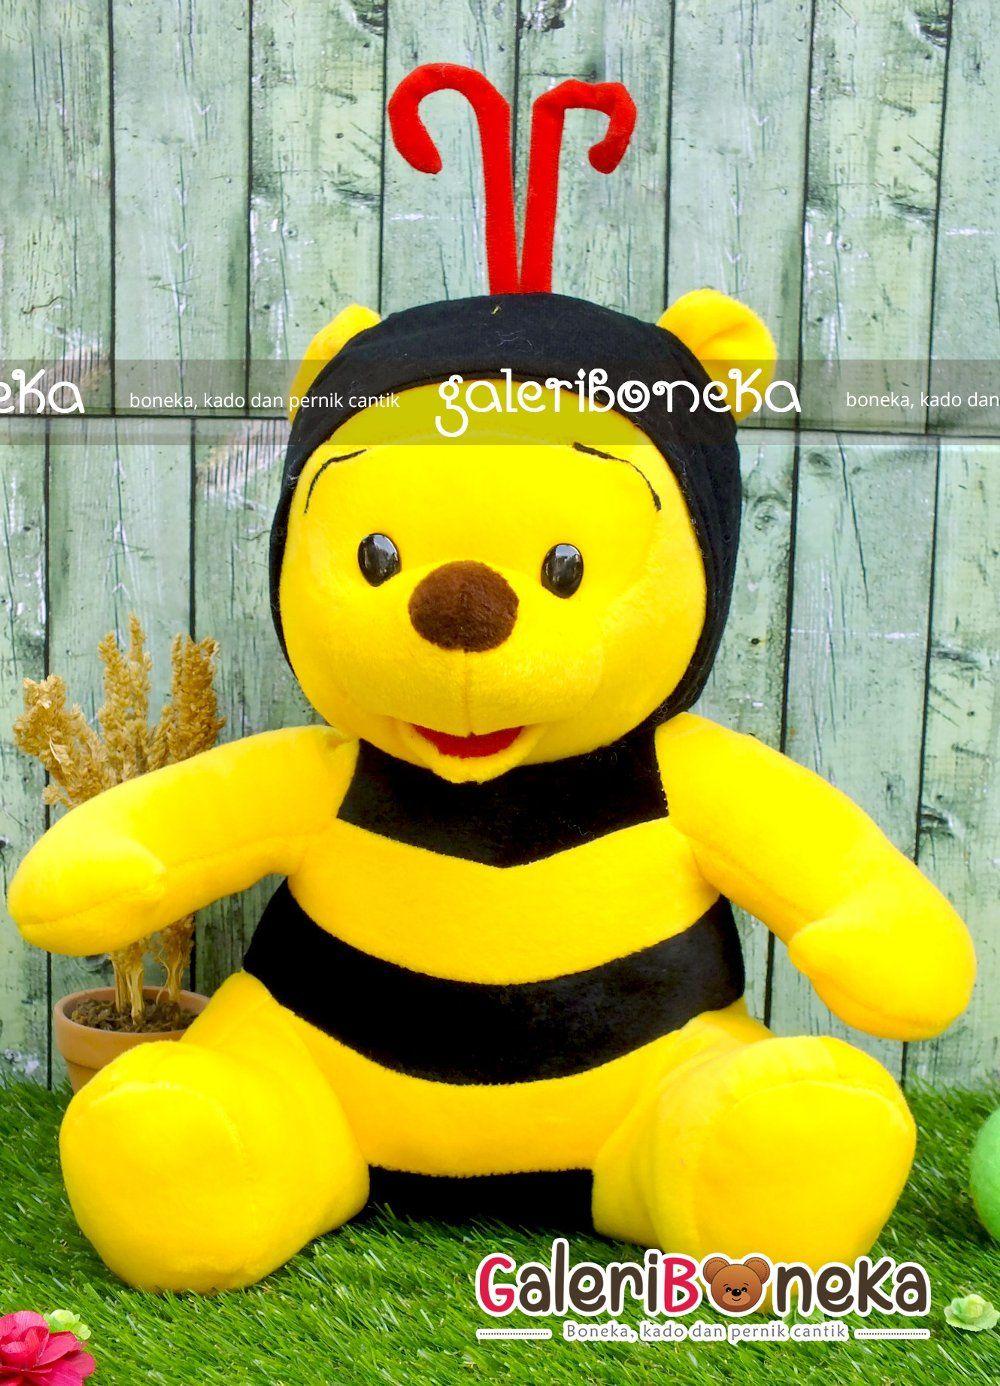 Jual Boneka Lucu Bentuk Boneka Lebah Besar Cocok Untuk Di Berikan Sebagai Kado Ulang Tahun Desainnya Fun Dan Playful Semua Pasti Menyukain Boneka Lebah Lucu